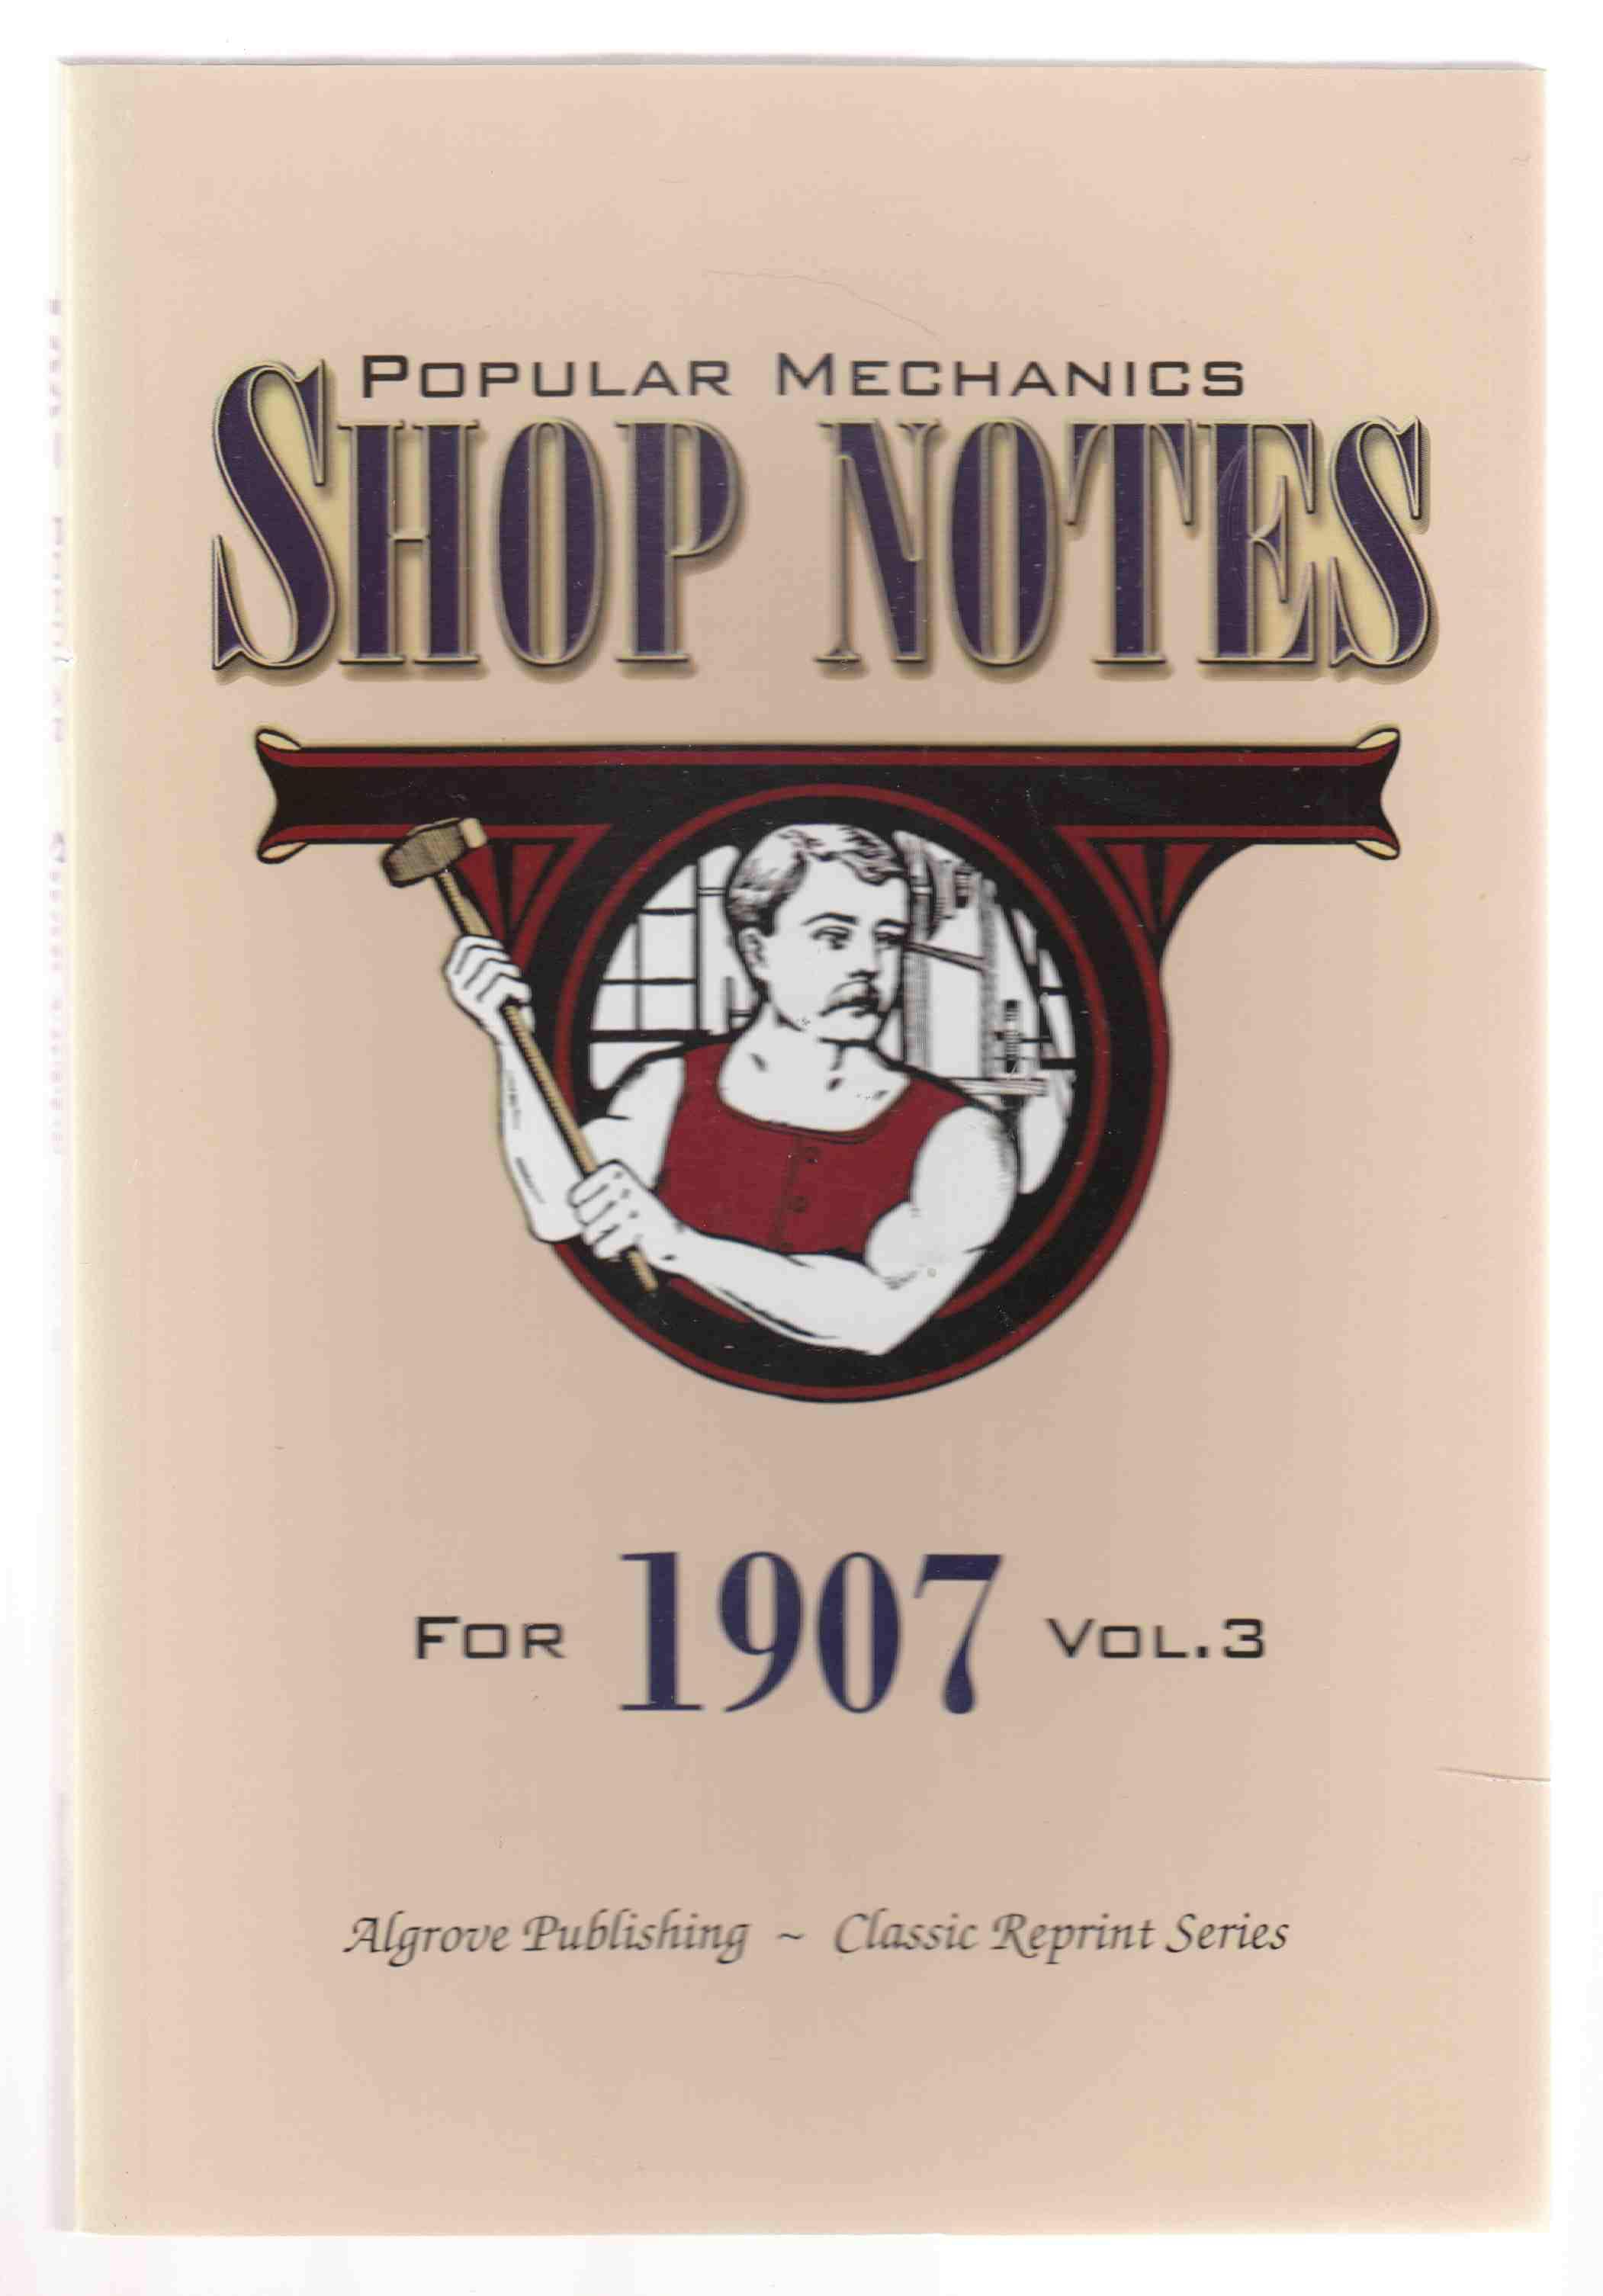 Popular Mechanics Shop Notes for 1908 Vol. 4.